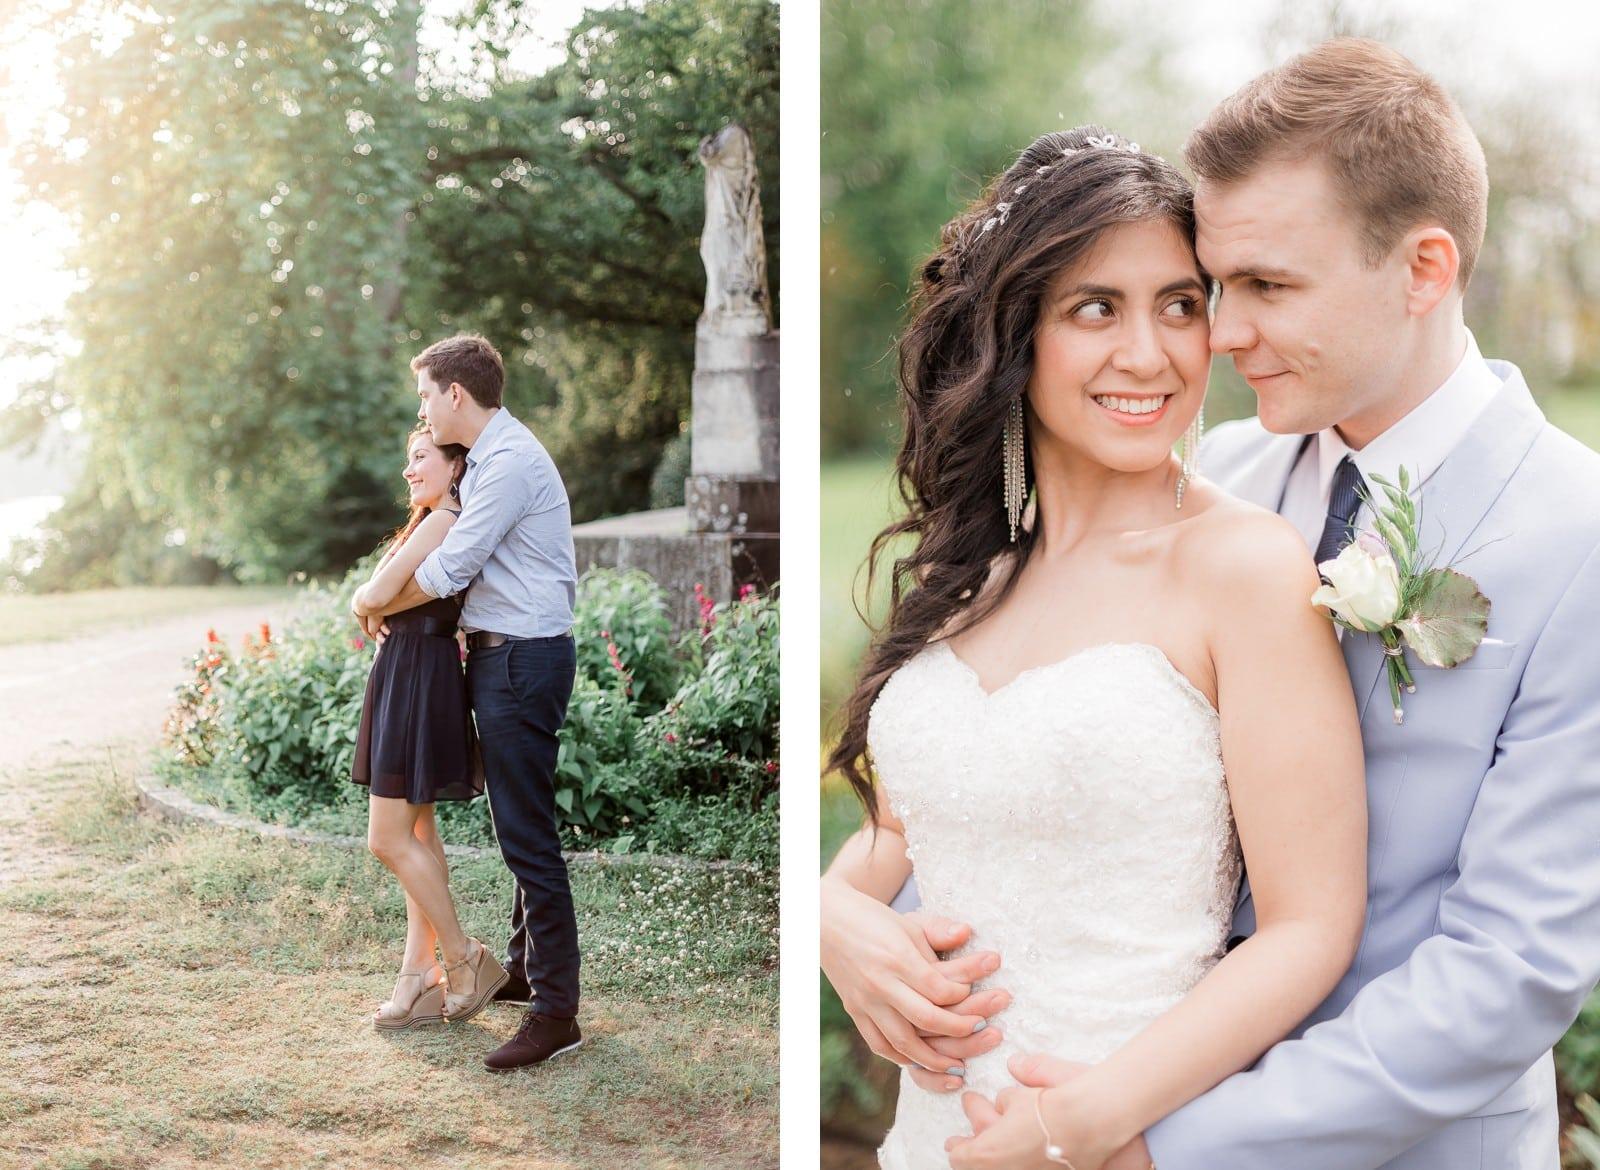 Photographie de Mathieu Dété, photographe de mariage à La Réunion, présentant des conseils pour des poses des shooting photo de couple, la femme est dos contre son mari